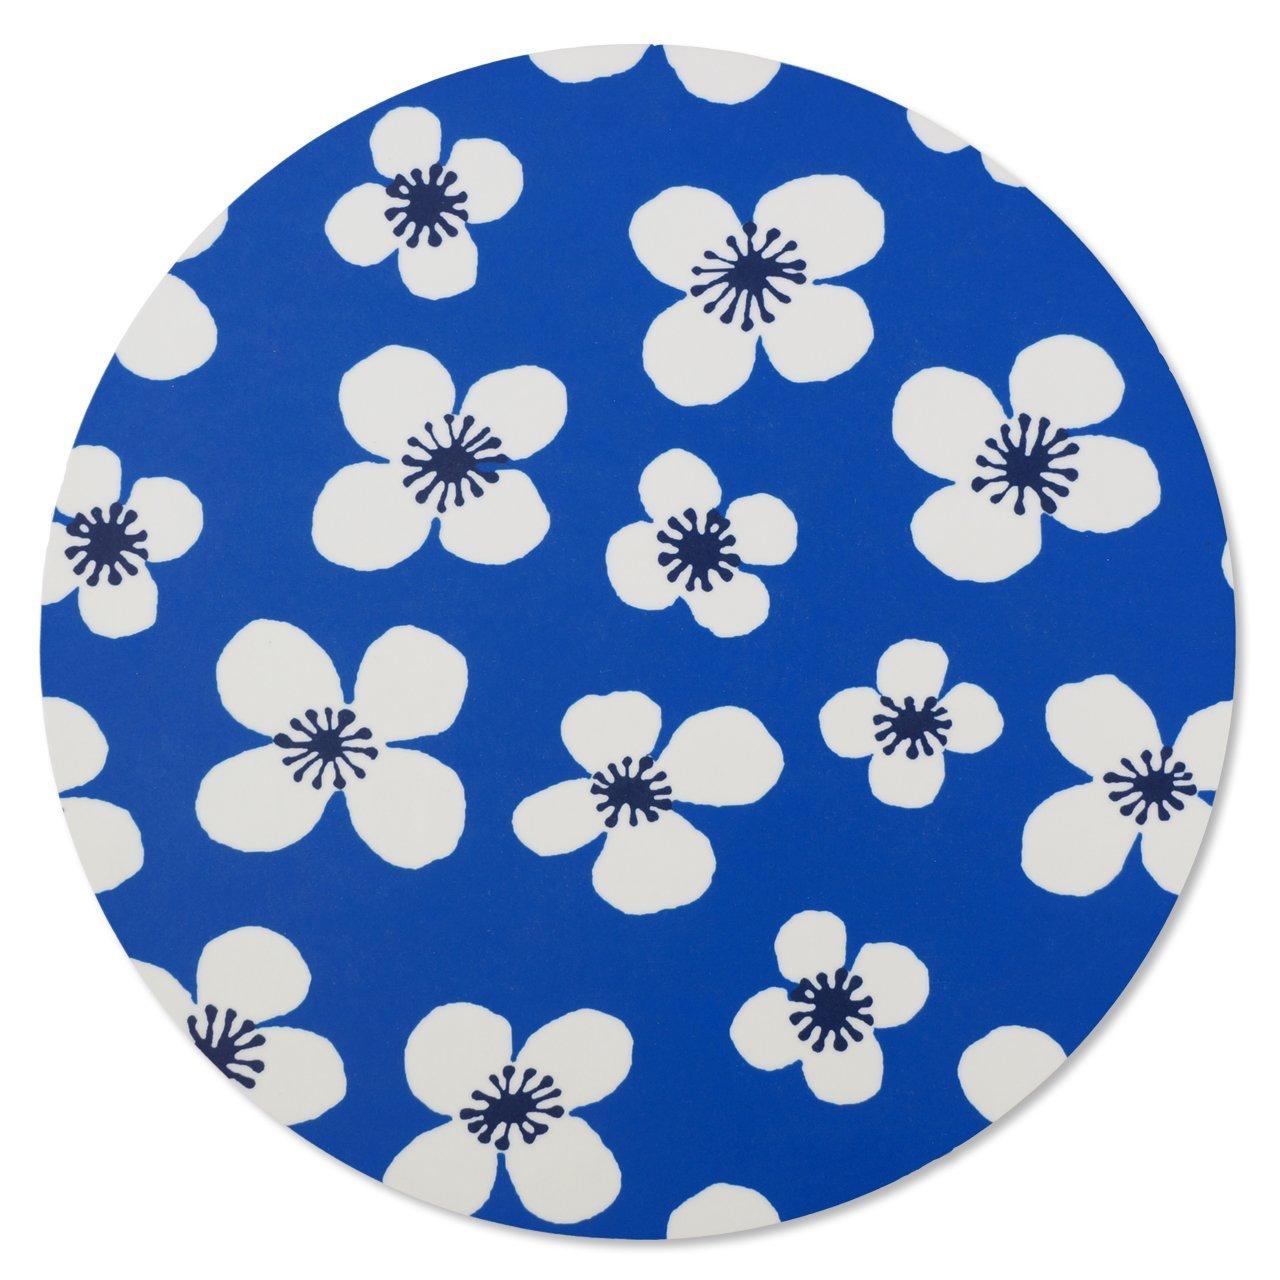 ポットスタンド Belle Amie ブルー 直径21cm